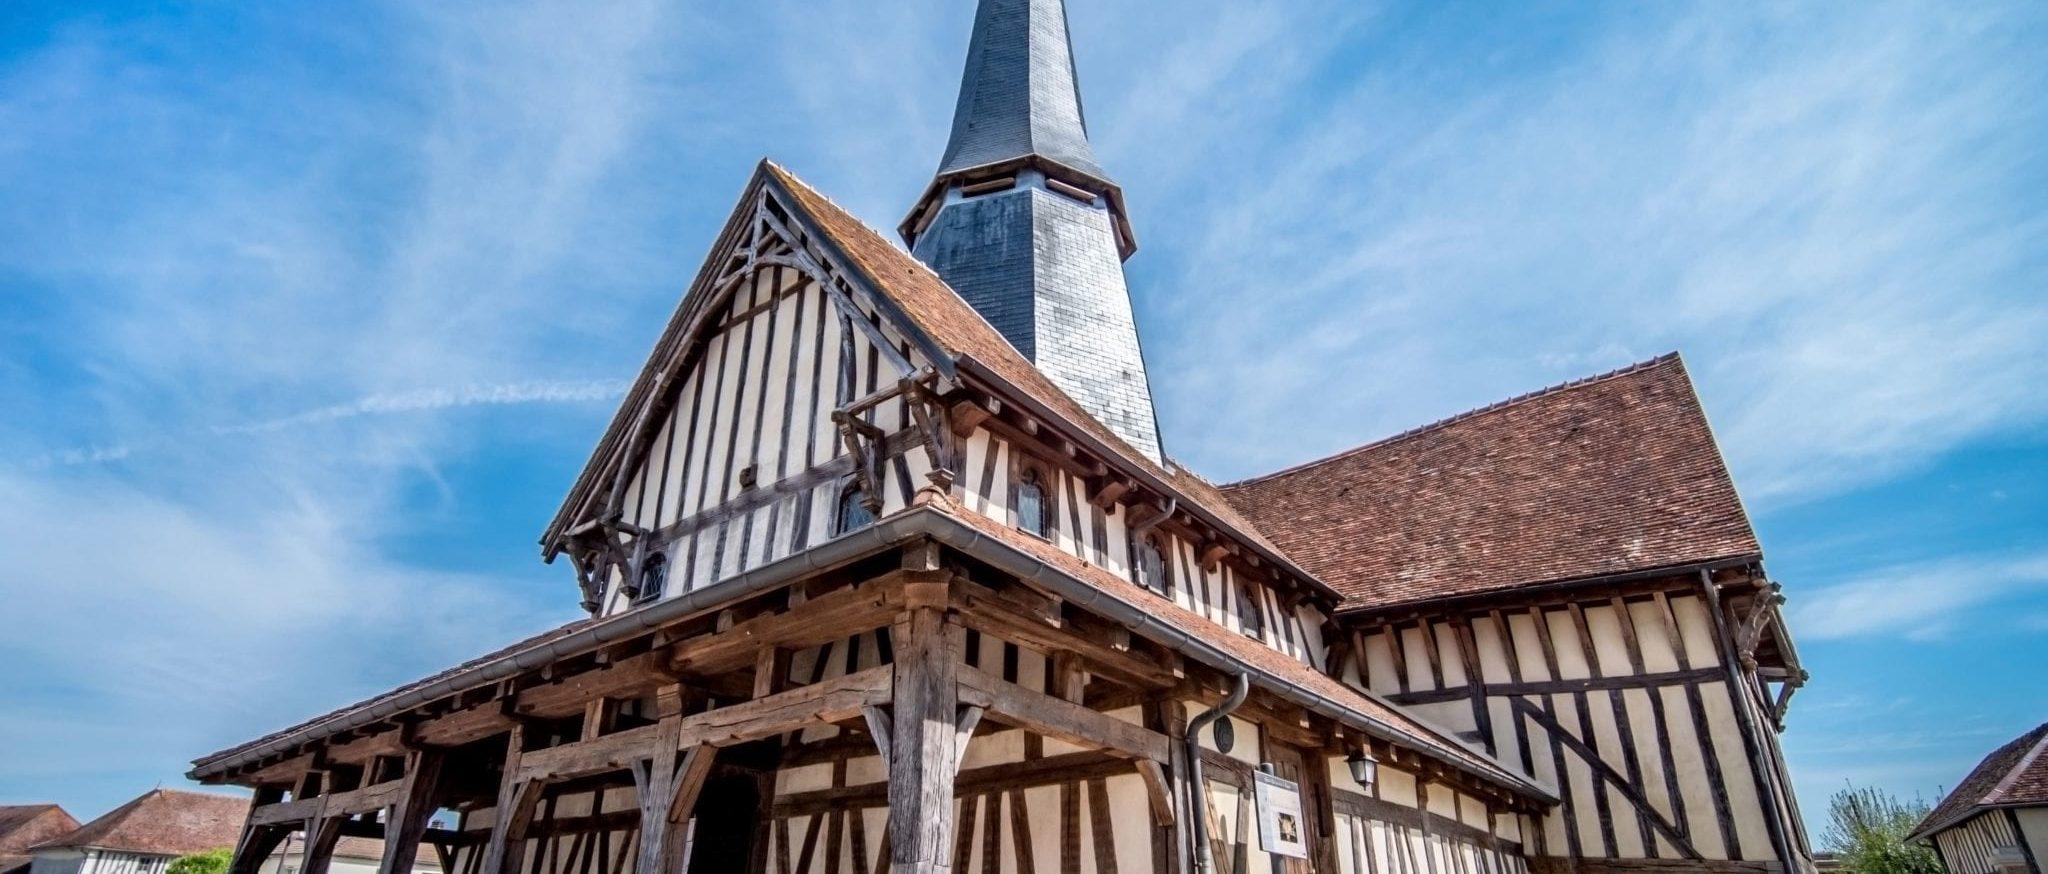 Eglise Saint-Julien-l'Hospitalier-et-Saint-Blaise